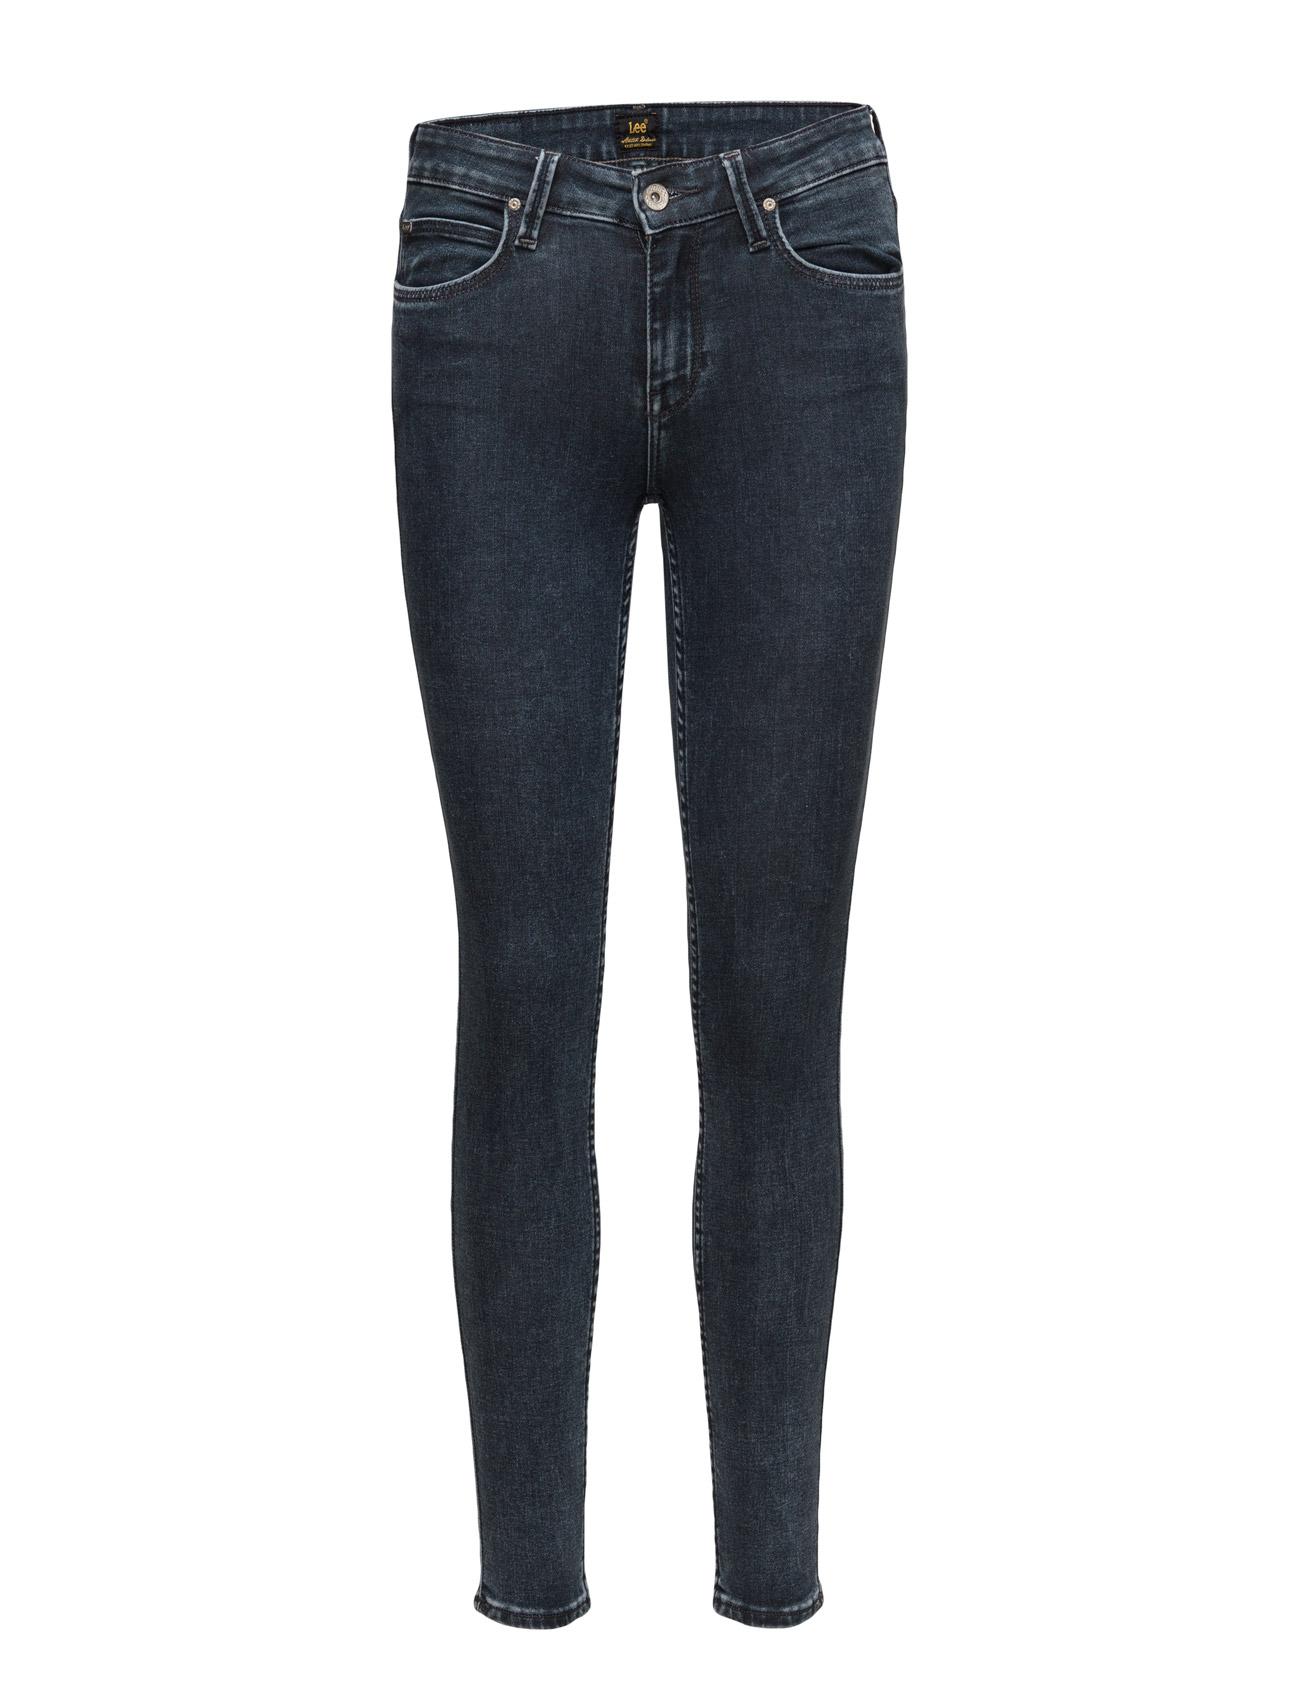 Jodee Night Sparkle Lee Jeans Skinny til Kvinder i